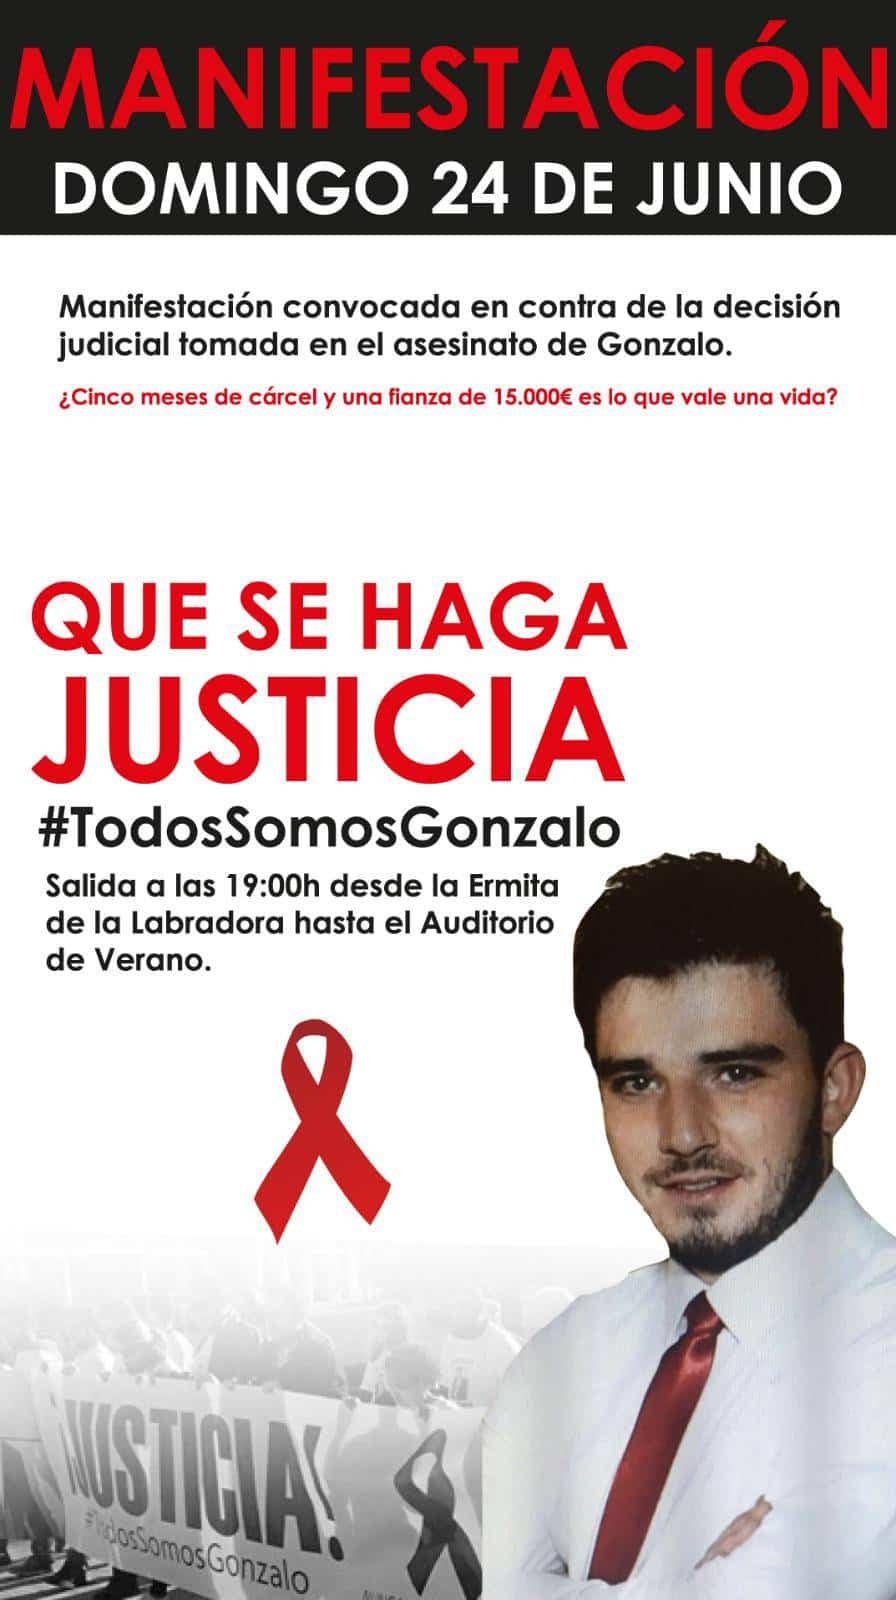 Herencia volverá a manifestarse reclamando justicia tras la muerte de Gonzalo Buján 3